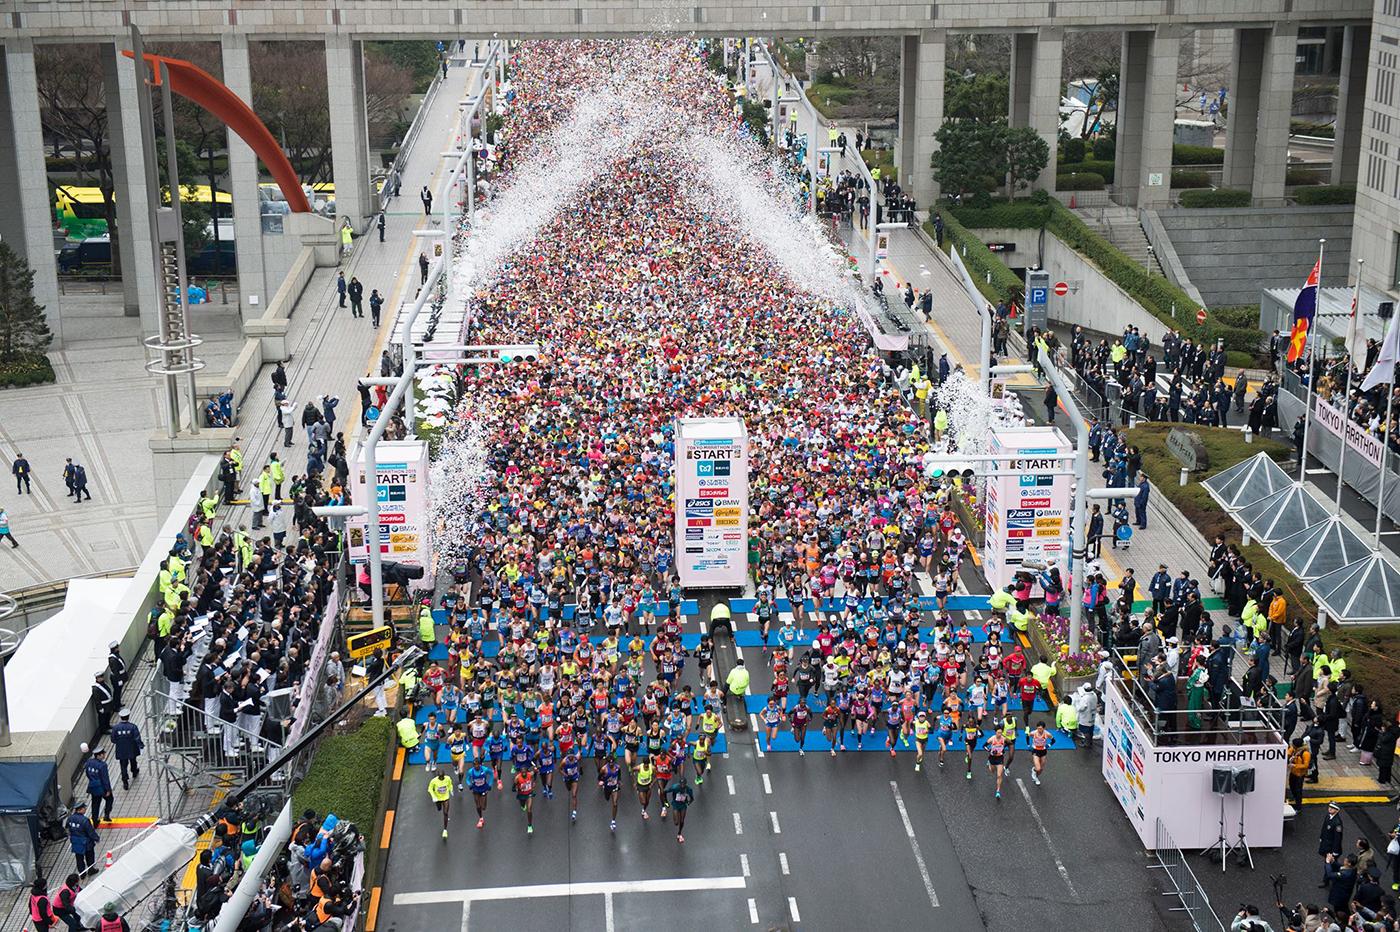 【陸上】東京マラソン 2019年から「3月第1日曜」開催に変更 天皇誕生日が2月23日になること受け